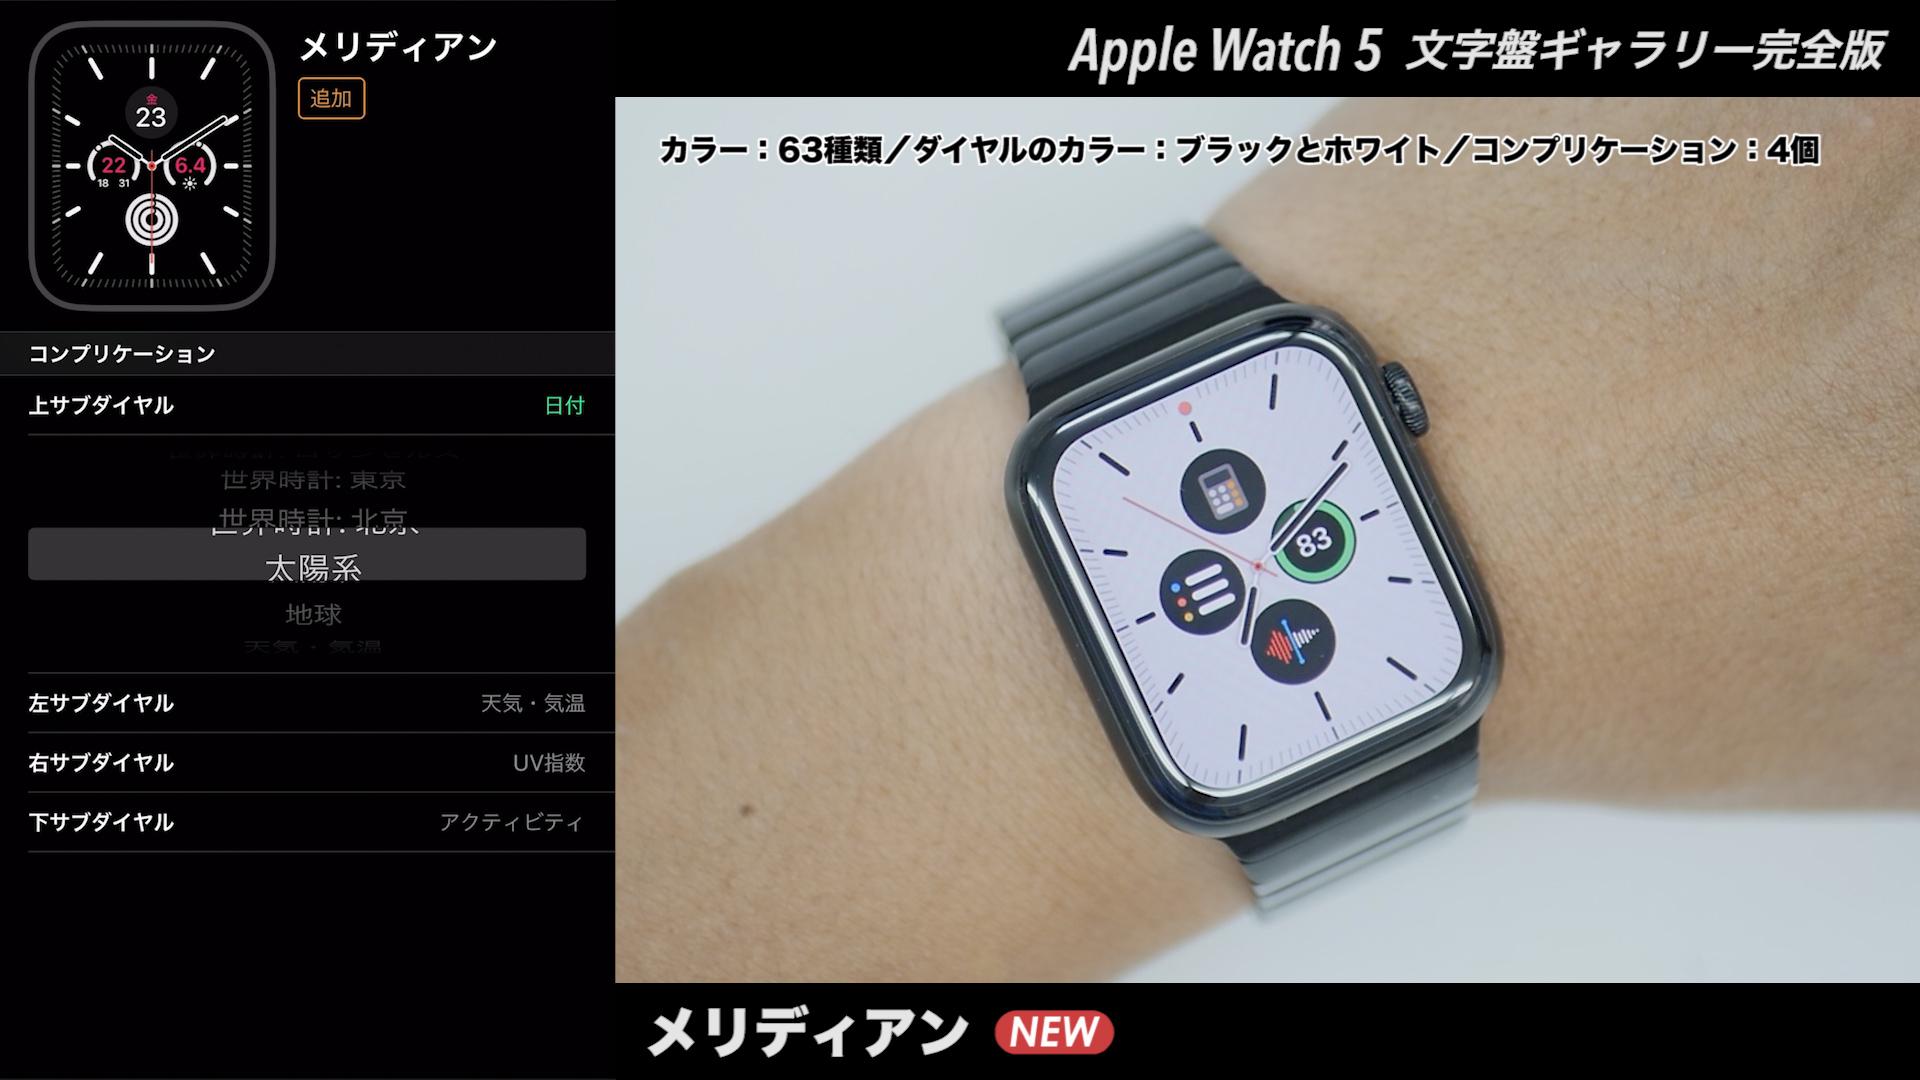 リケーション コンプ アップル ウォッチ